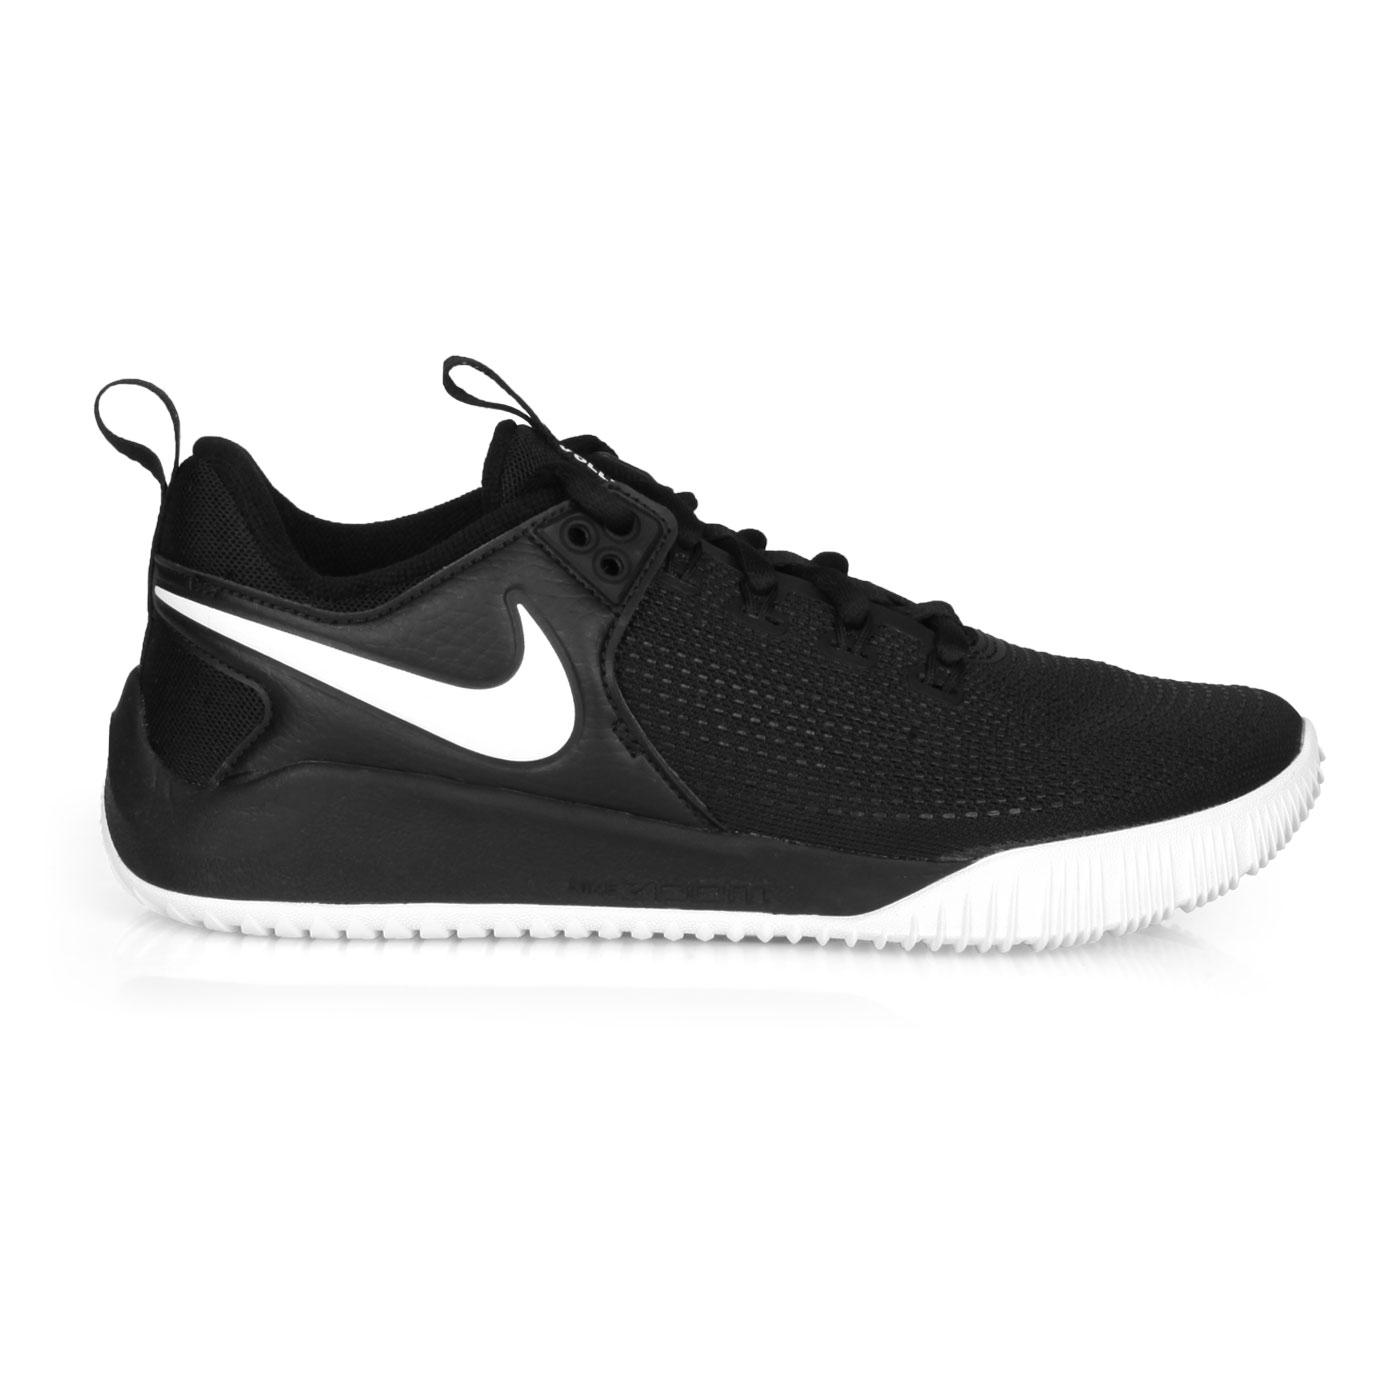 NIKE 排球鞋  @AIR ZOOM HYPERACE 2@AA0286001 - 黑白